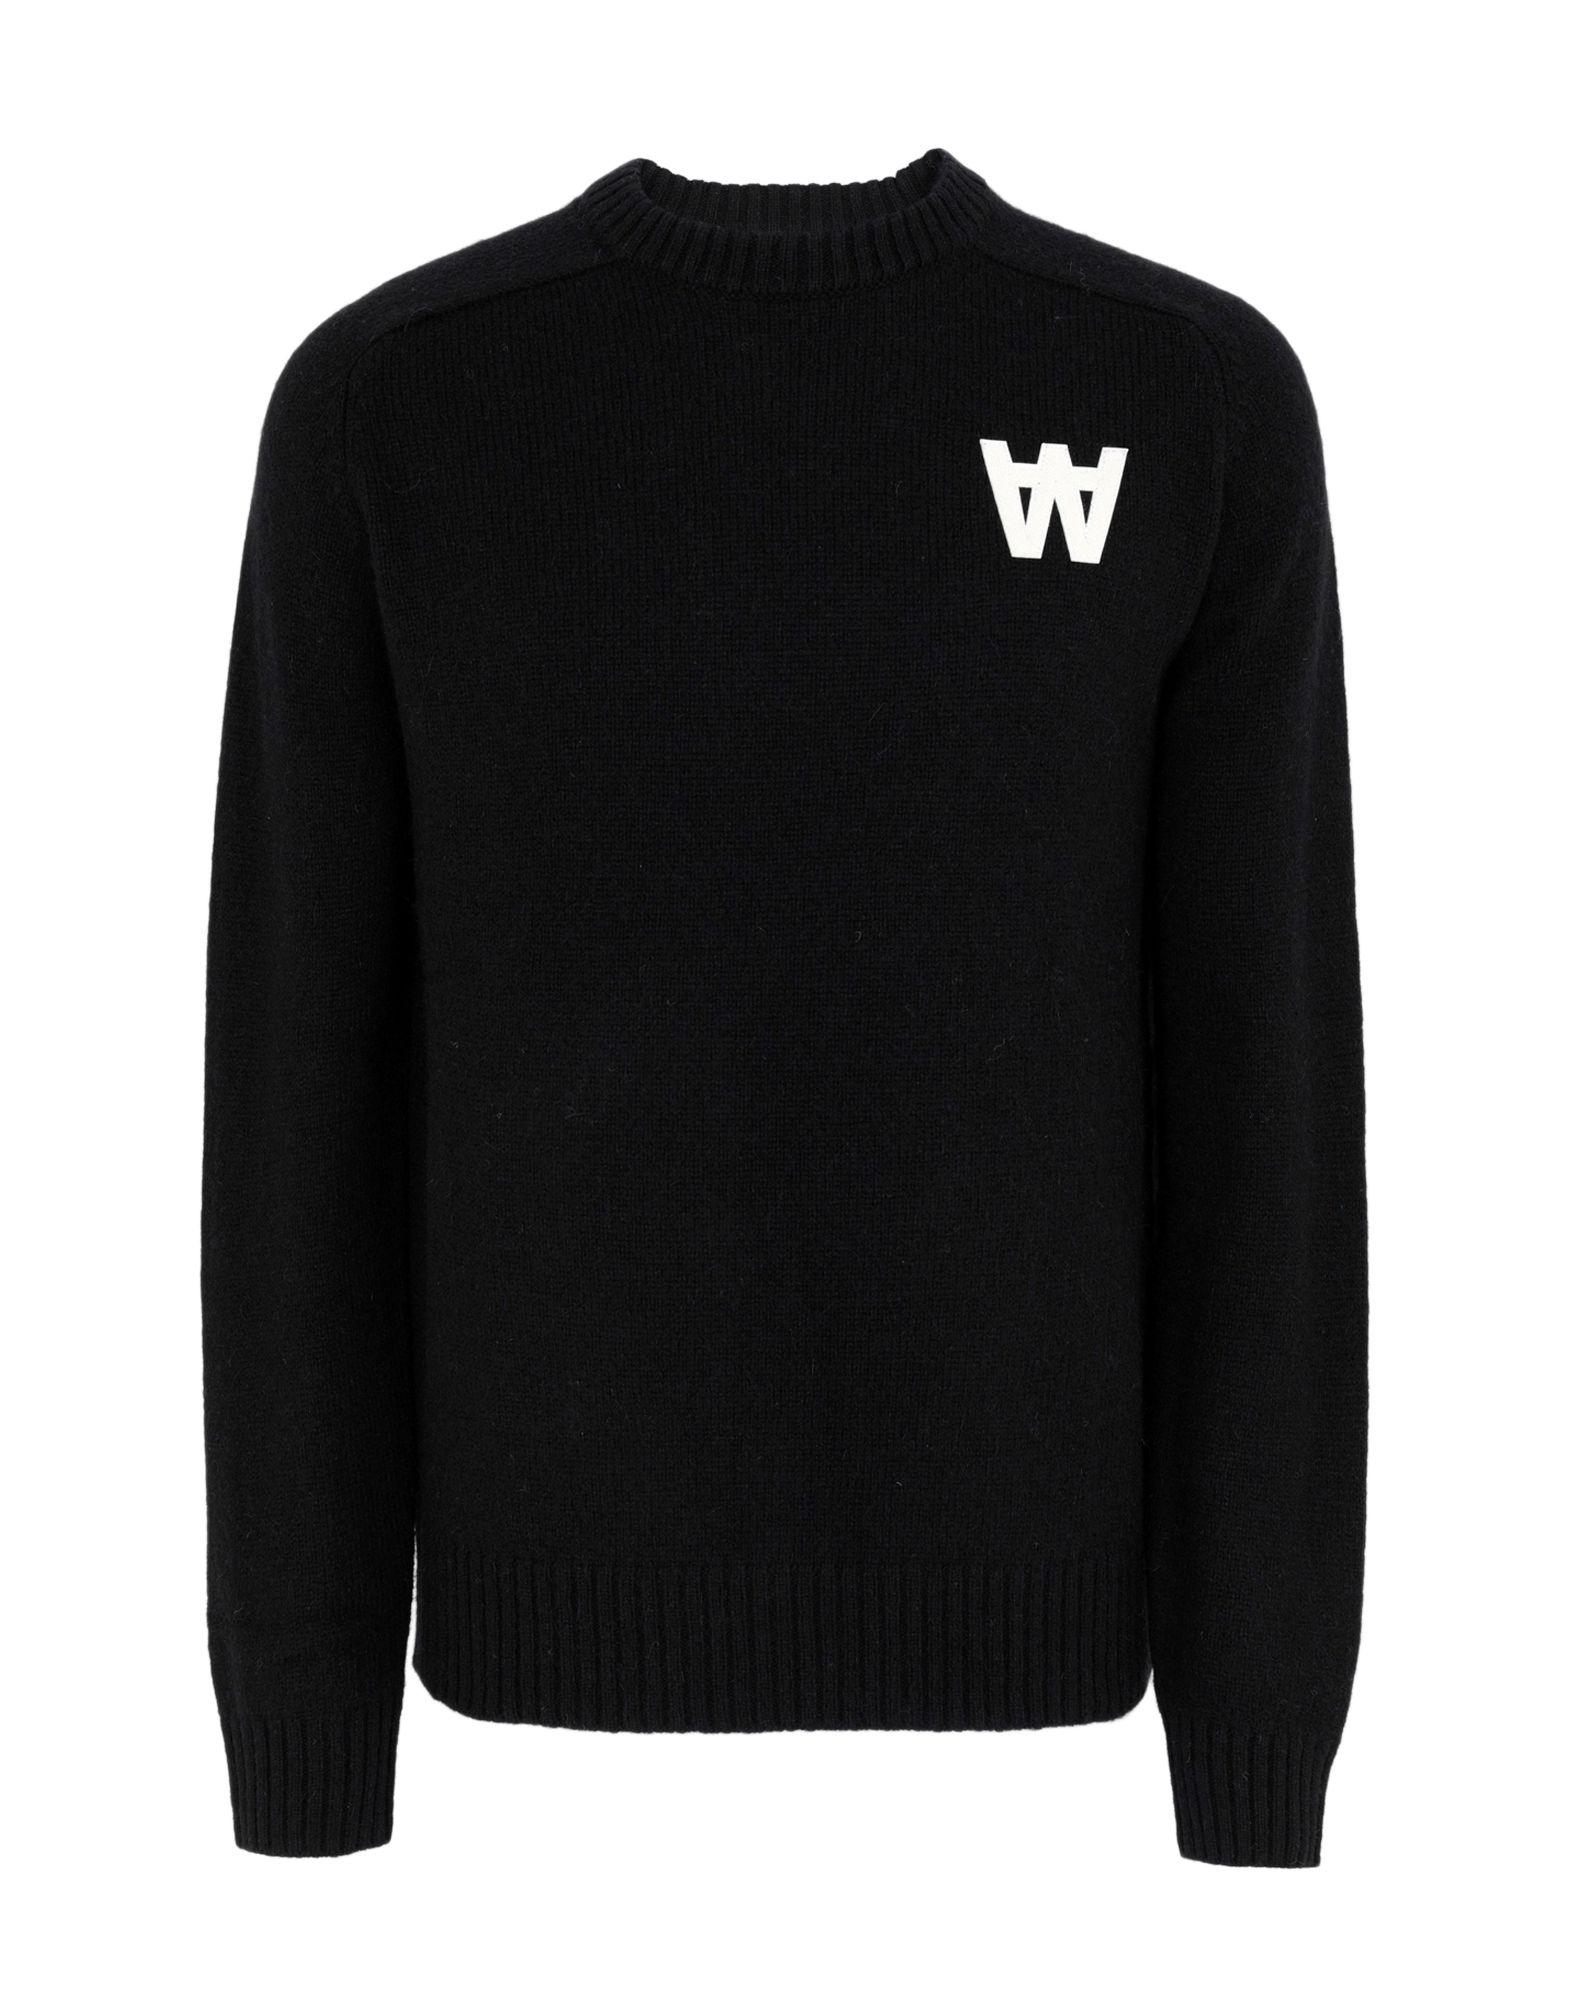 《送料無料》WOOD WOOD メンズ プルオーバー ブラック S ウール 100% Kevin sweater